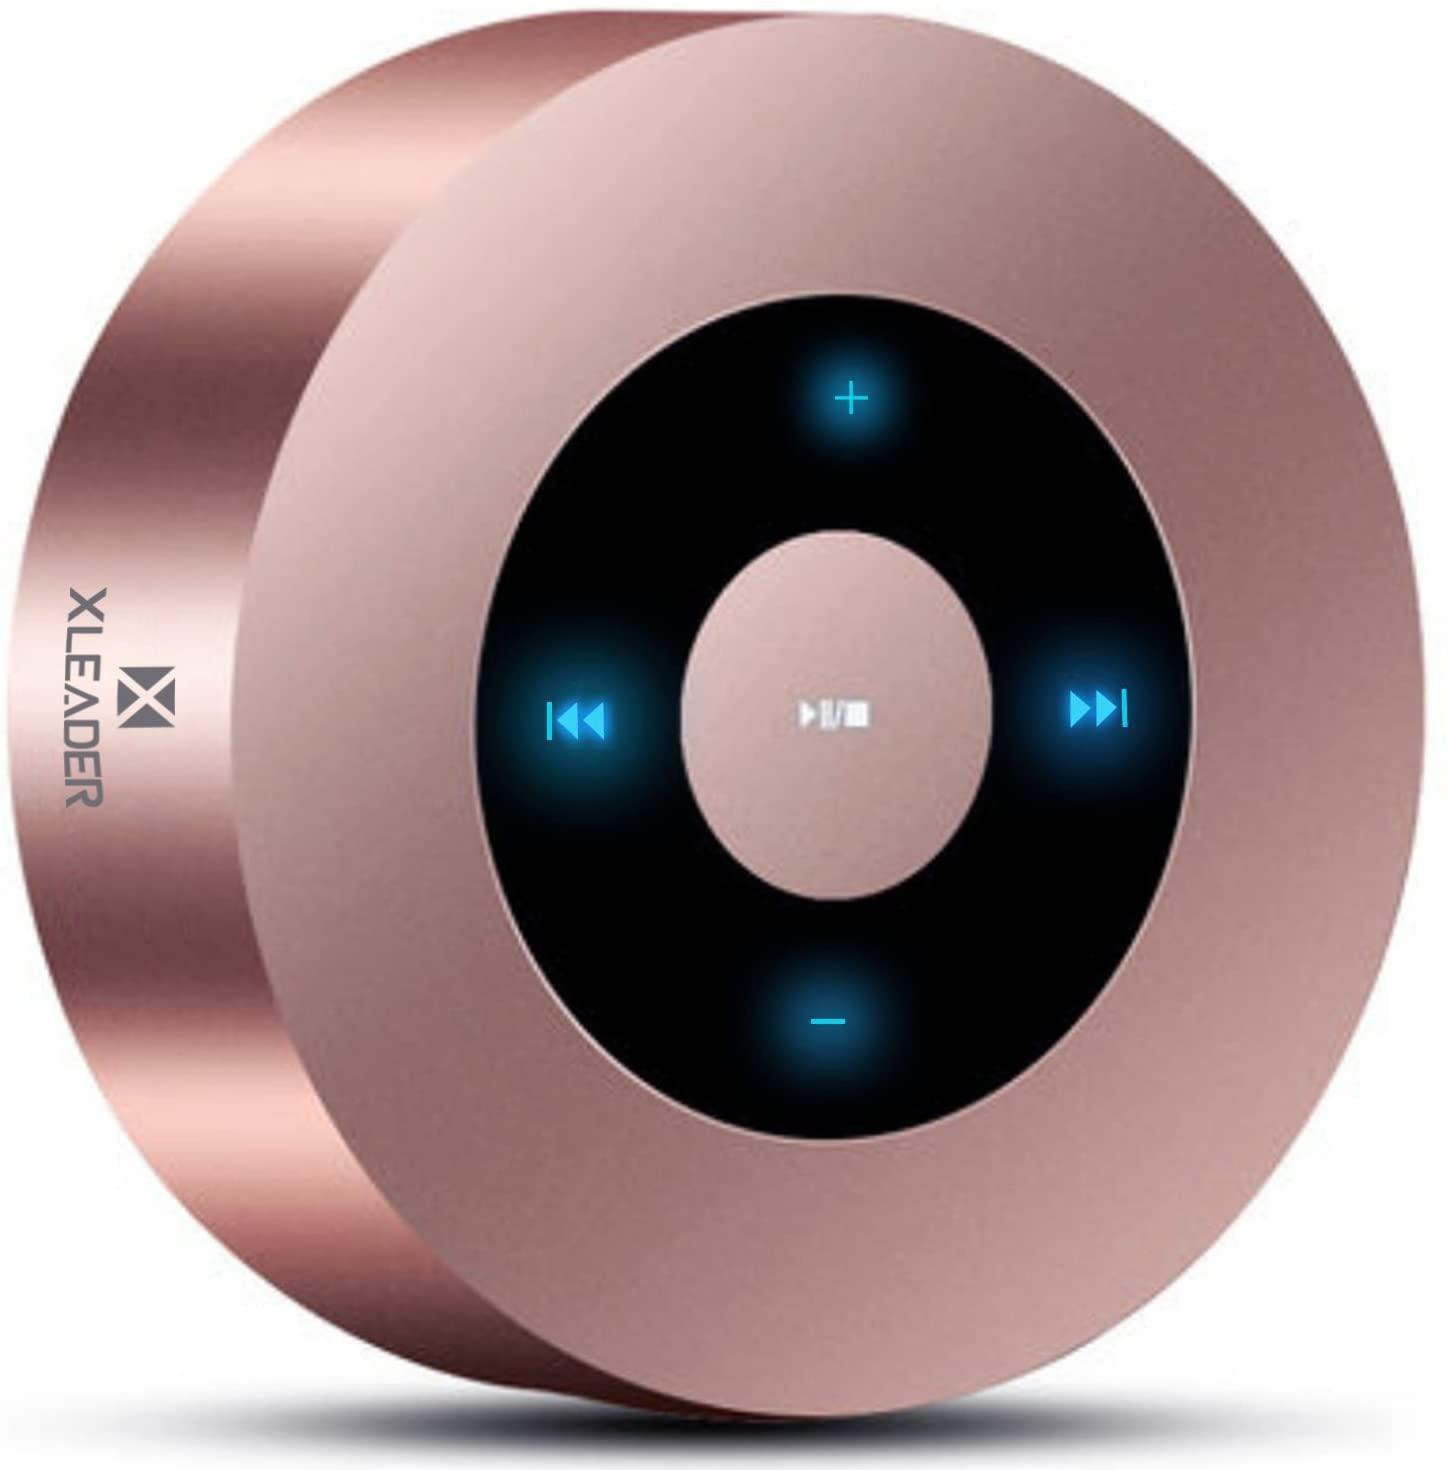 SoundAngel A8 Bluetooth Speaker by XLEADER